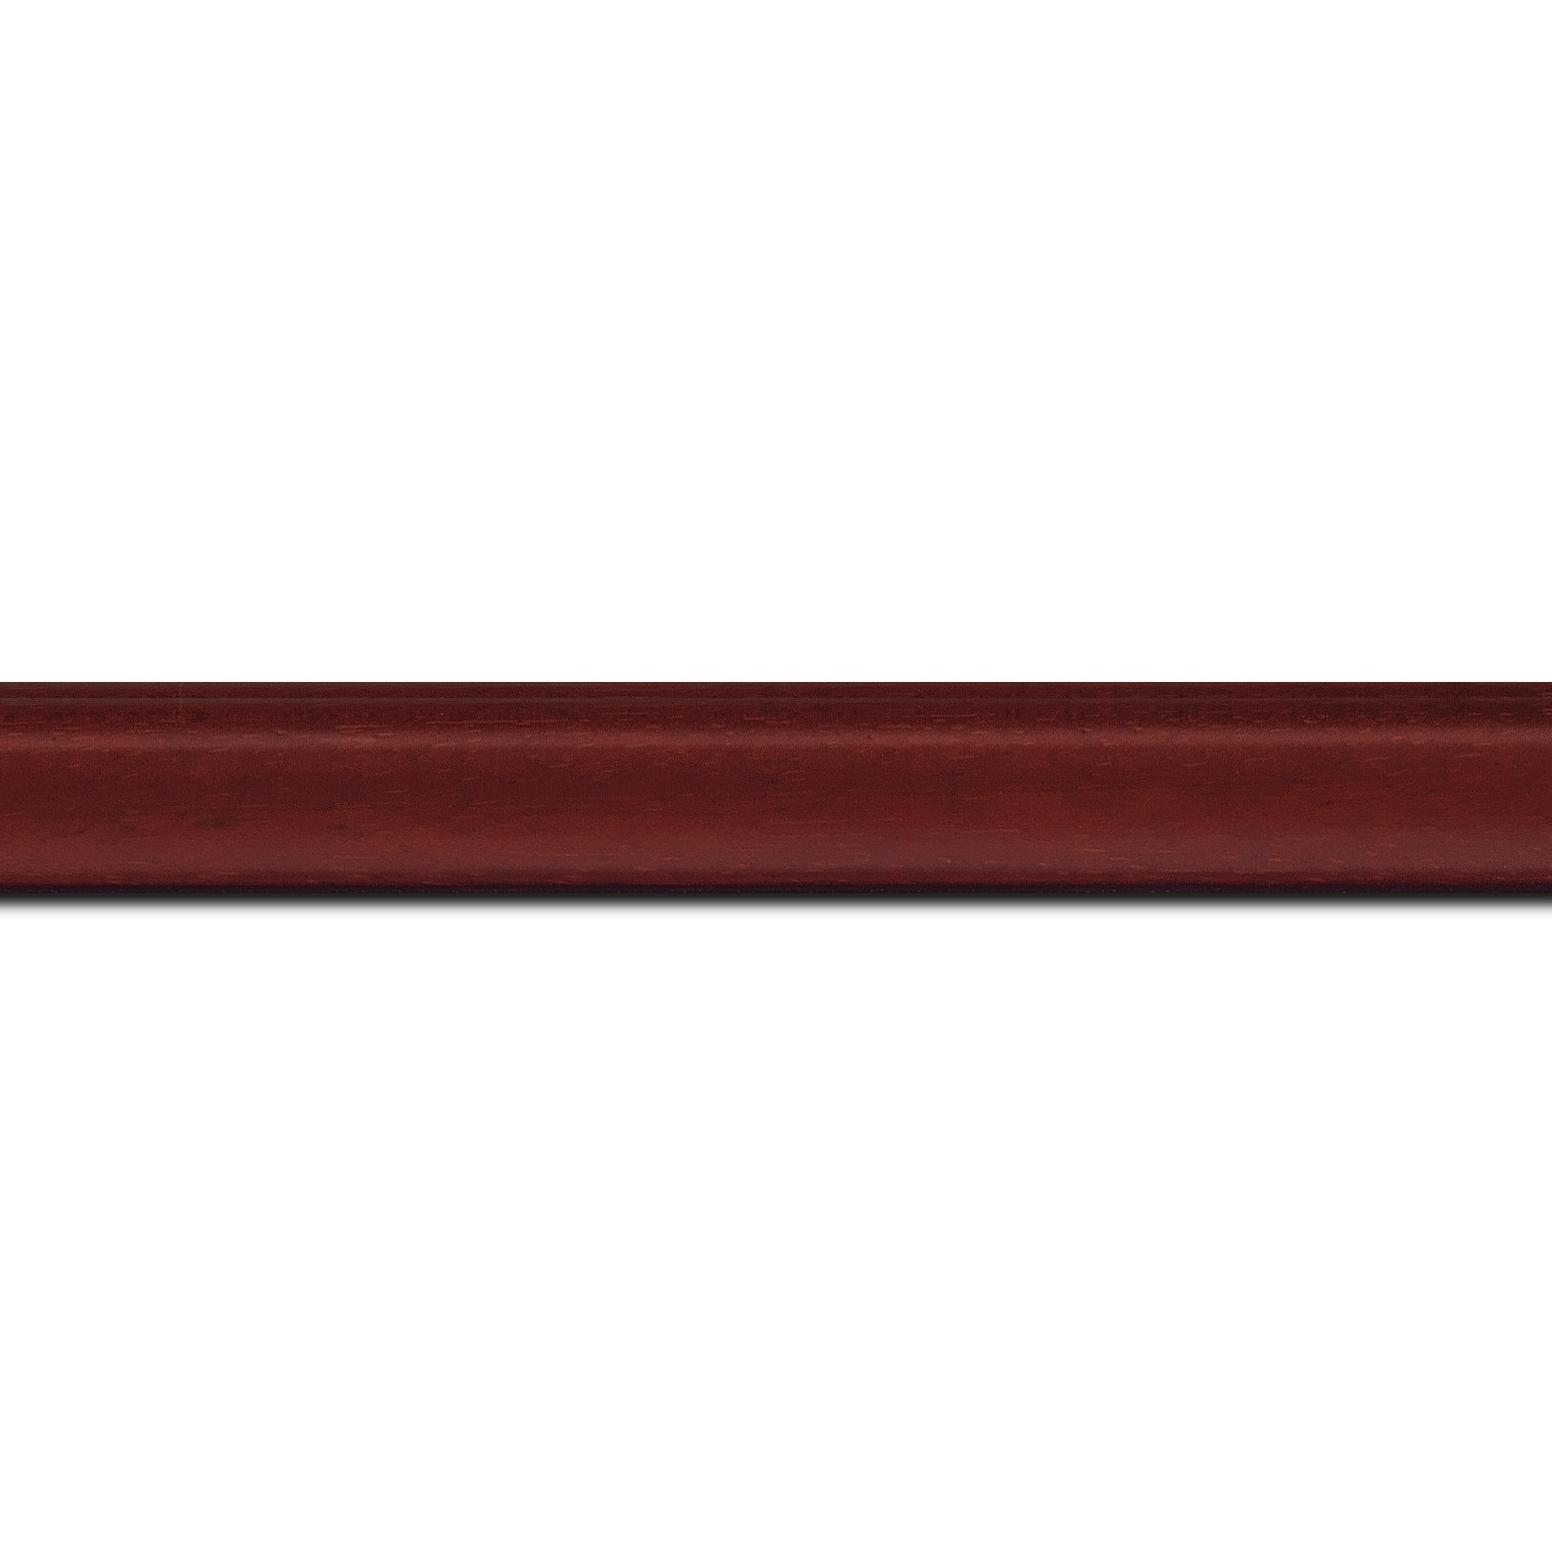 Pack par 12m, bois profil incuvé largeur 2.1cm couleur bordeaux satiné (longueur baguette pouvant varier entre 2.40m et 3m selon arrivage des bois)